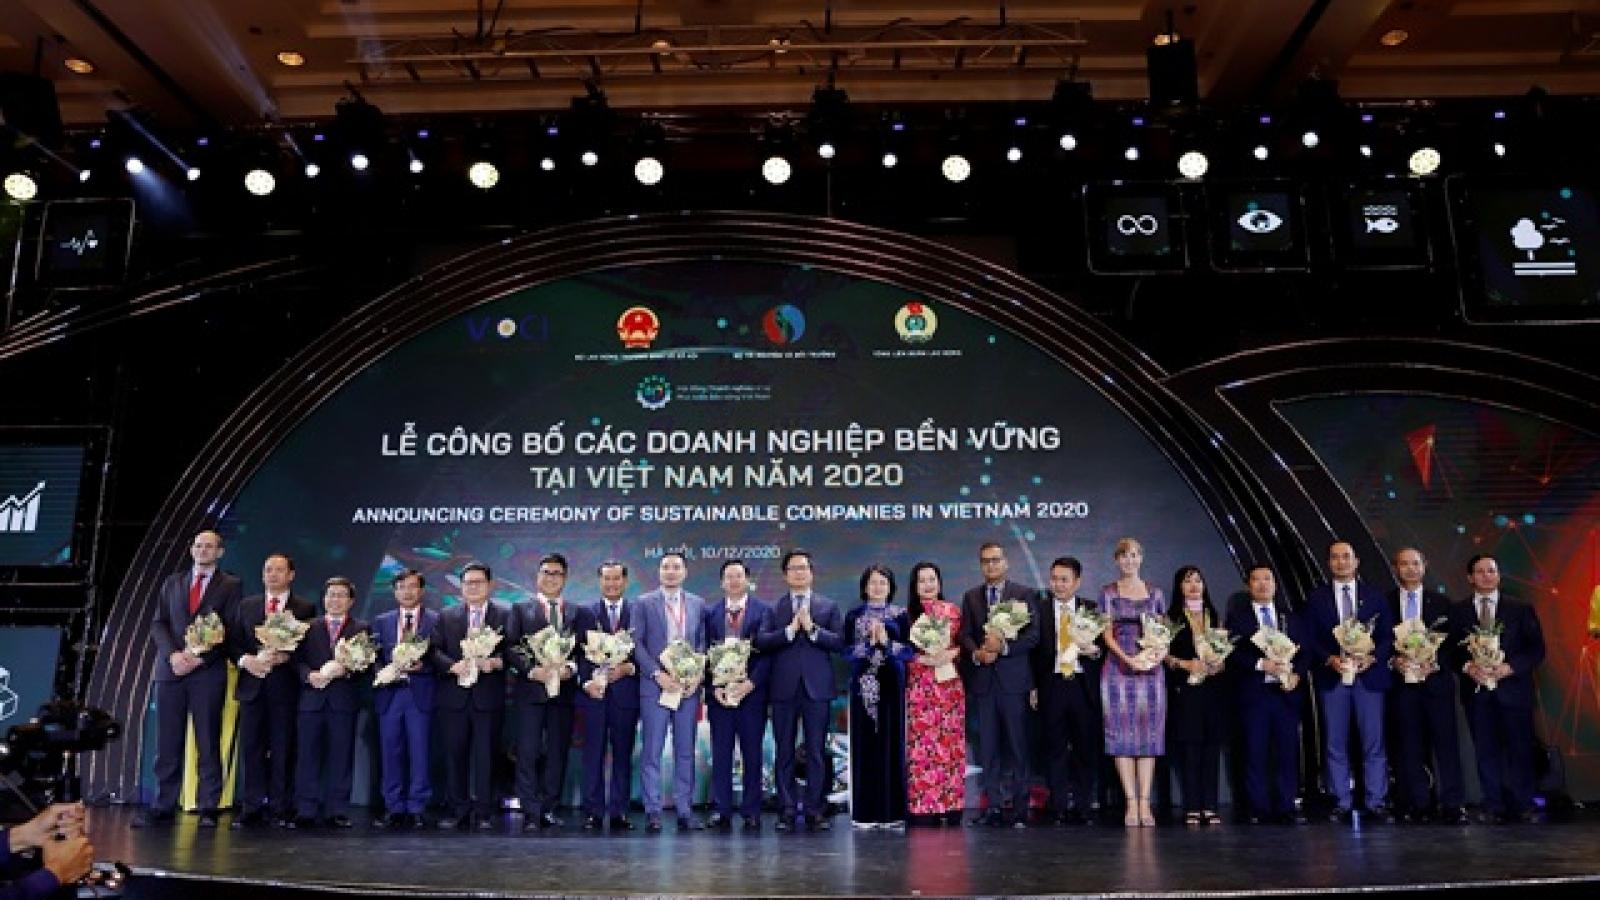 Phó Chủ tịch nước Đặng Thị Ngọc Thịnh dự lễ công bố doanh nghiệp bền vững năm 2020